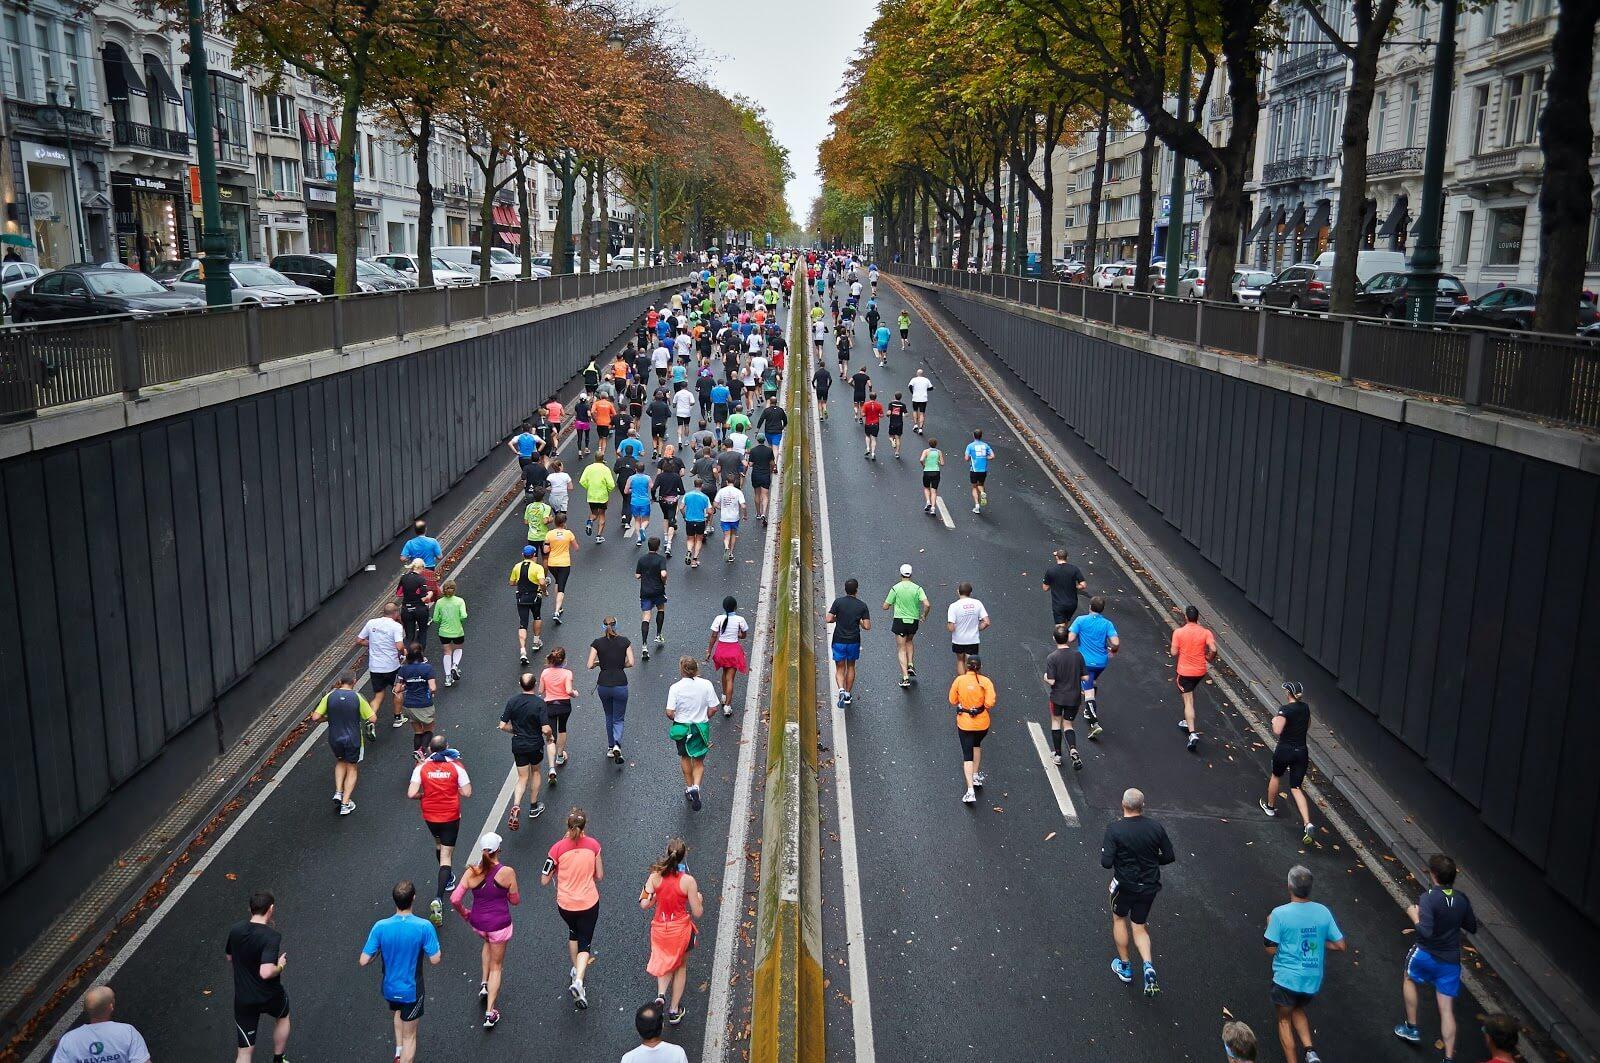 Corrida de rua em duas avenidas na Bélgica, com várias pessoas correndo na mesma direção, saindo de um túnel com árvores e carros nas ruas paralelas (Foto: Mārtiņš Zemlickis)